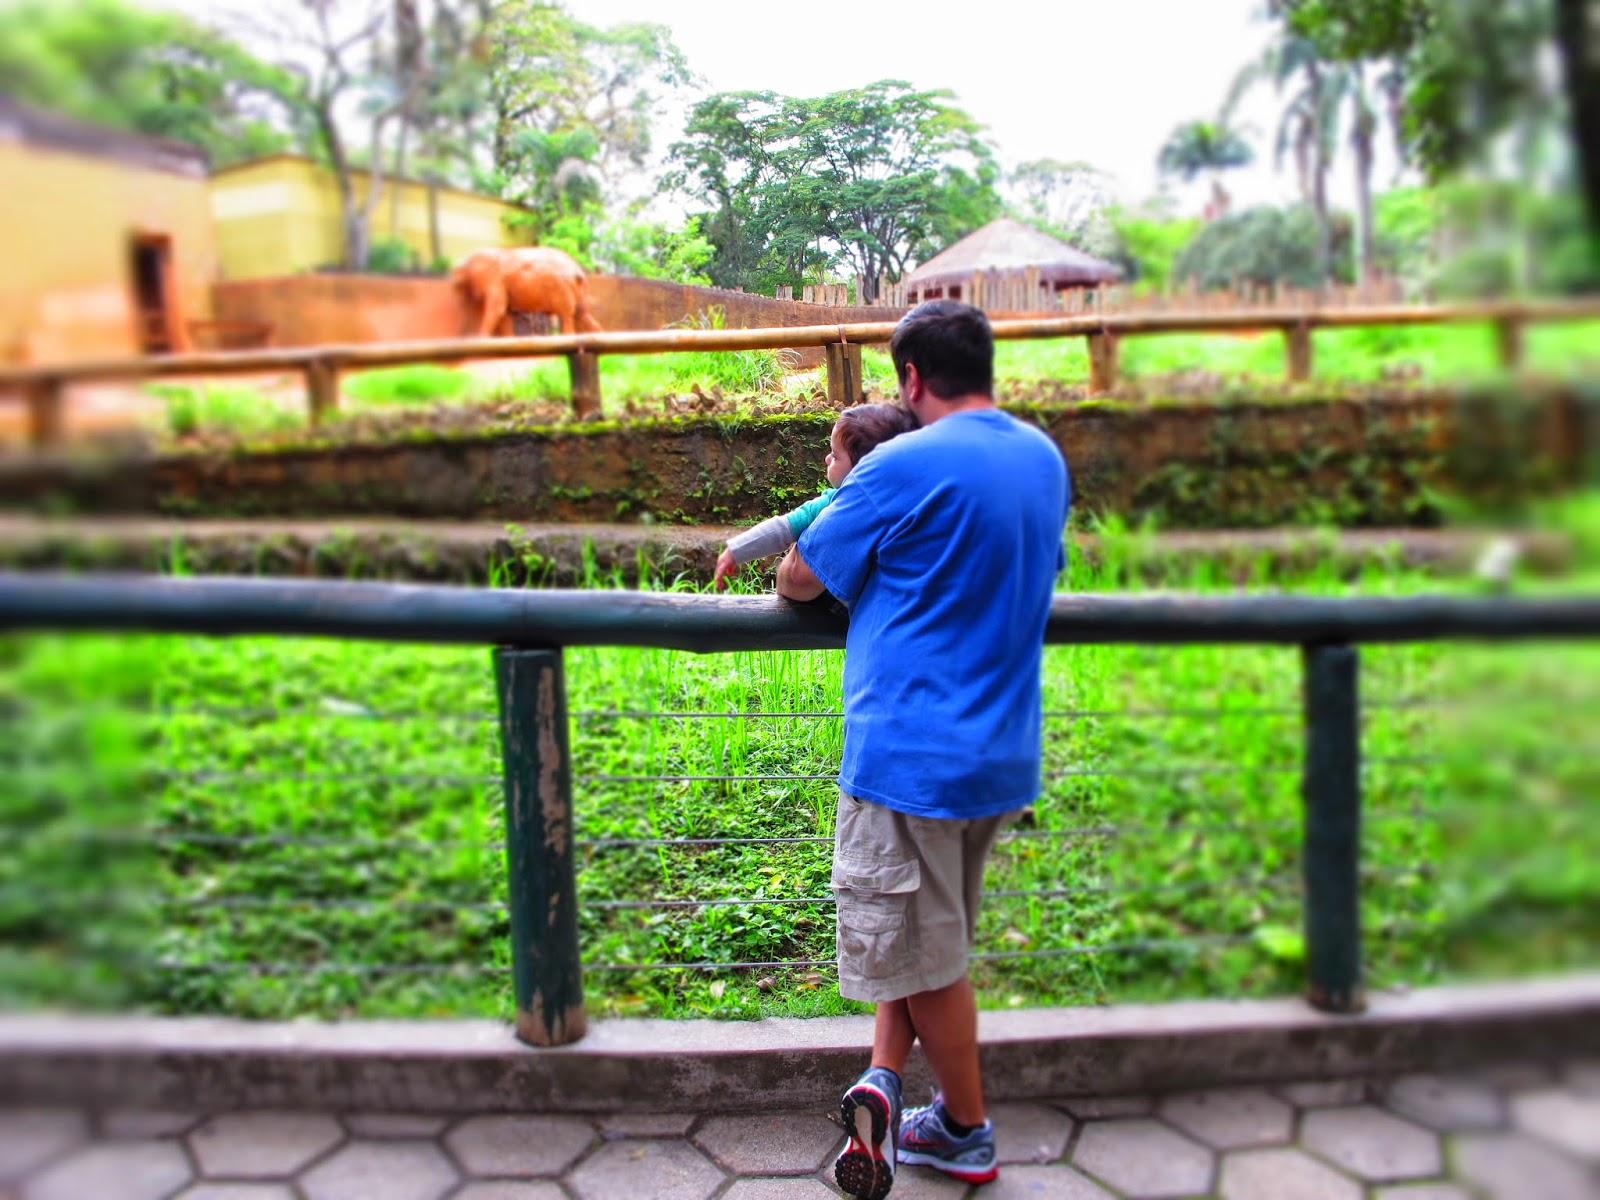 passeio-zoo-são-paulo-brasil-elefante